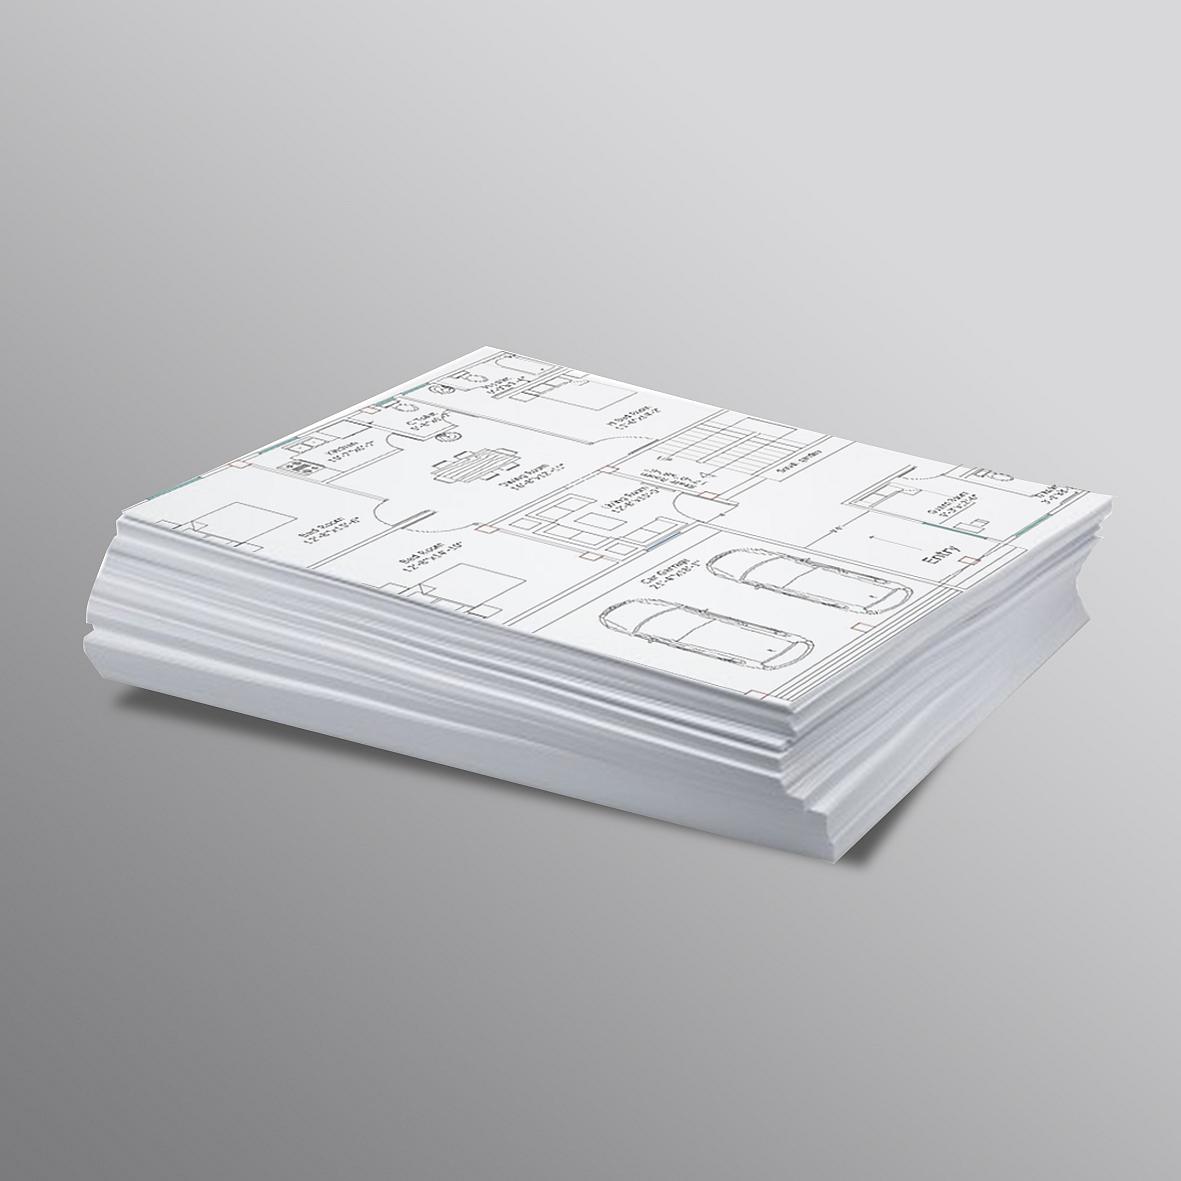 Plan & CAD Drawings